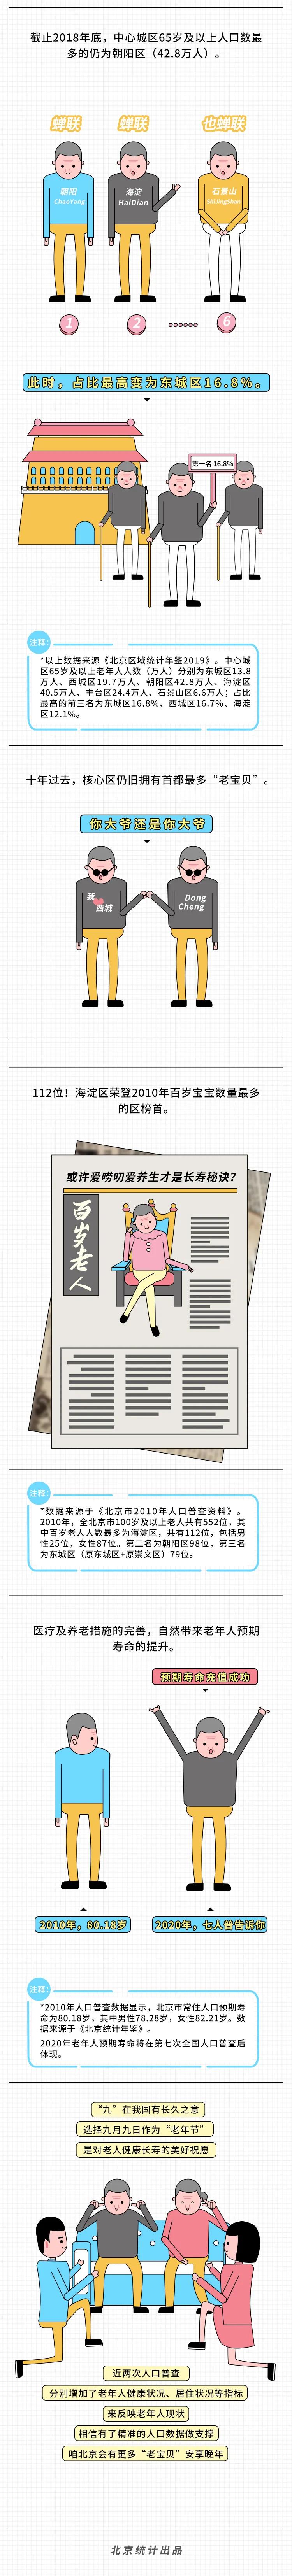 七人普丨北京老年人圖鑒